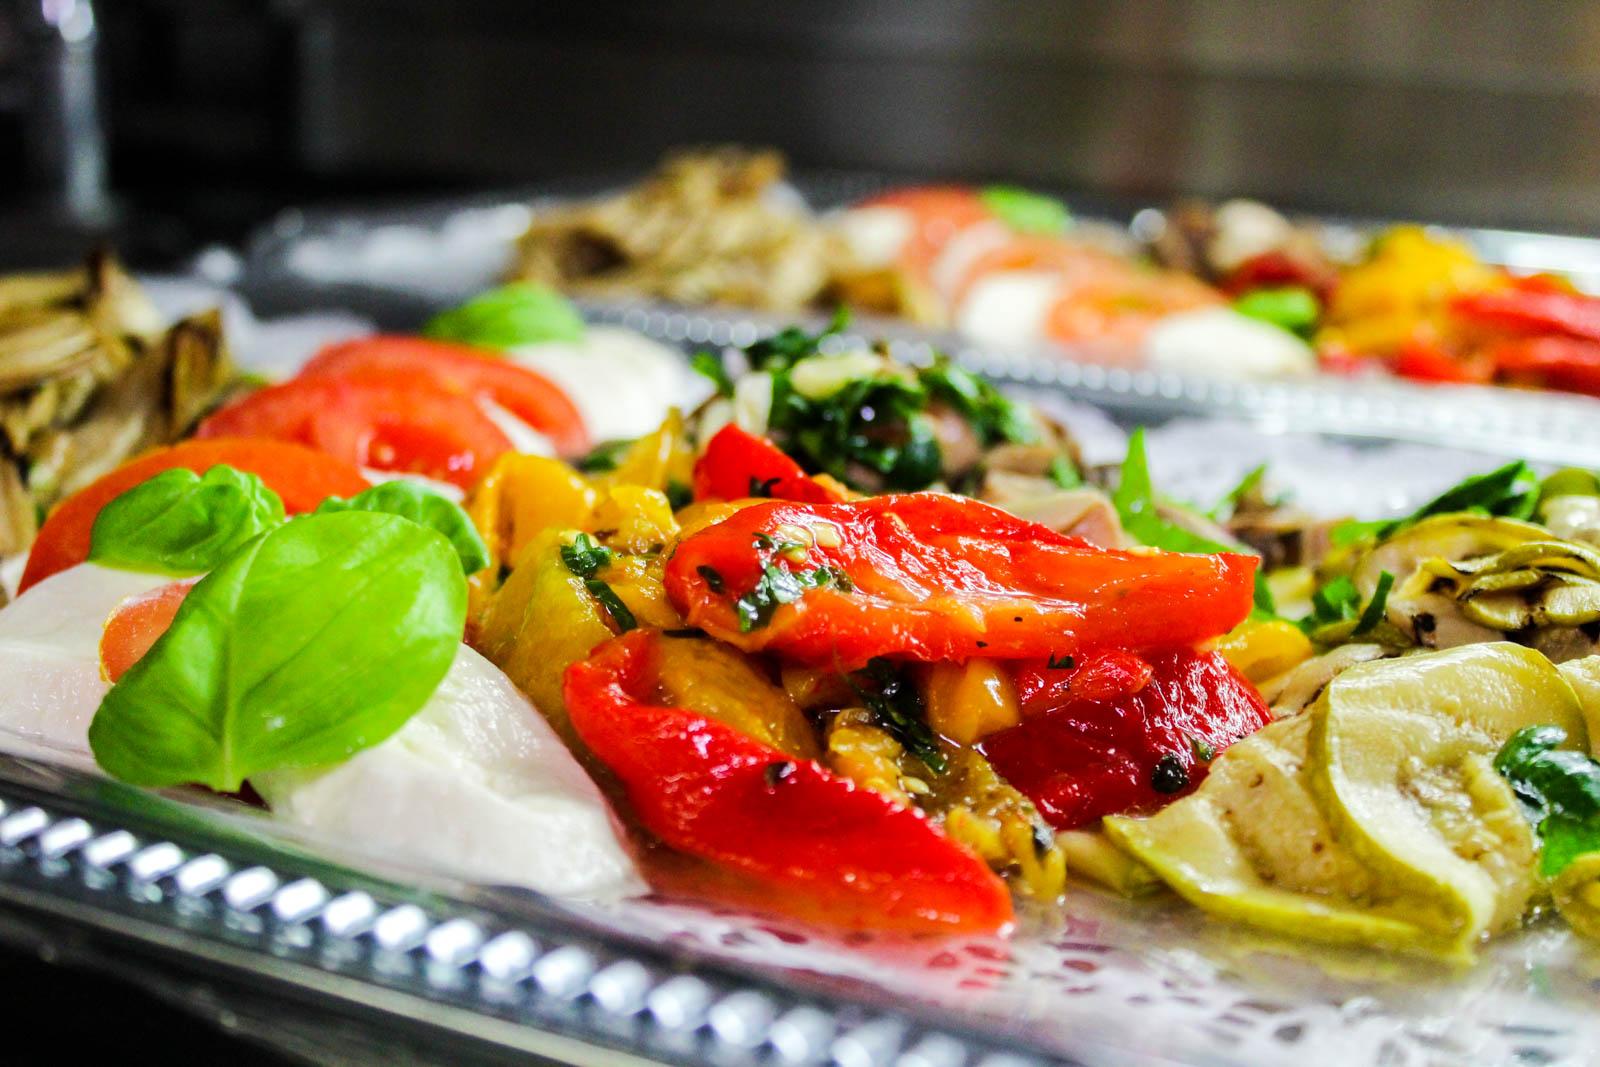 frisches Gemüse ist bei unserem Lieferservice selbstverständlich